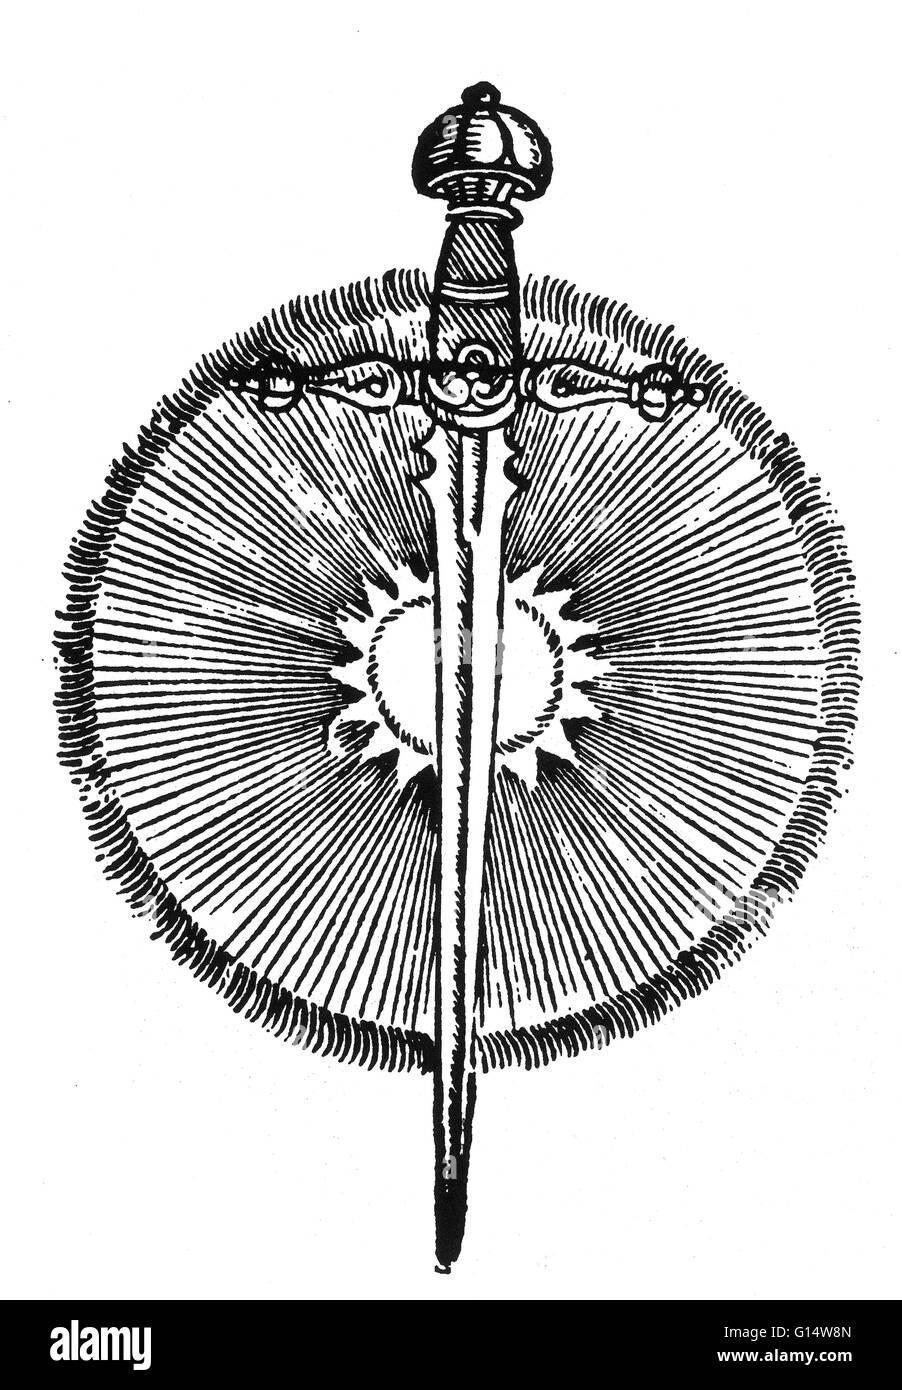 Holzschnitt von 'Comet' von Des Monstres et Prodiges von Ambroise Paré, 1573. Des Monstres ist gefüllt Stockbild